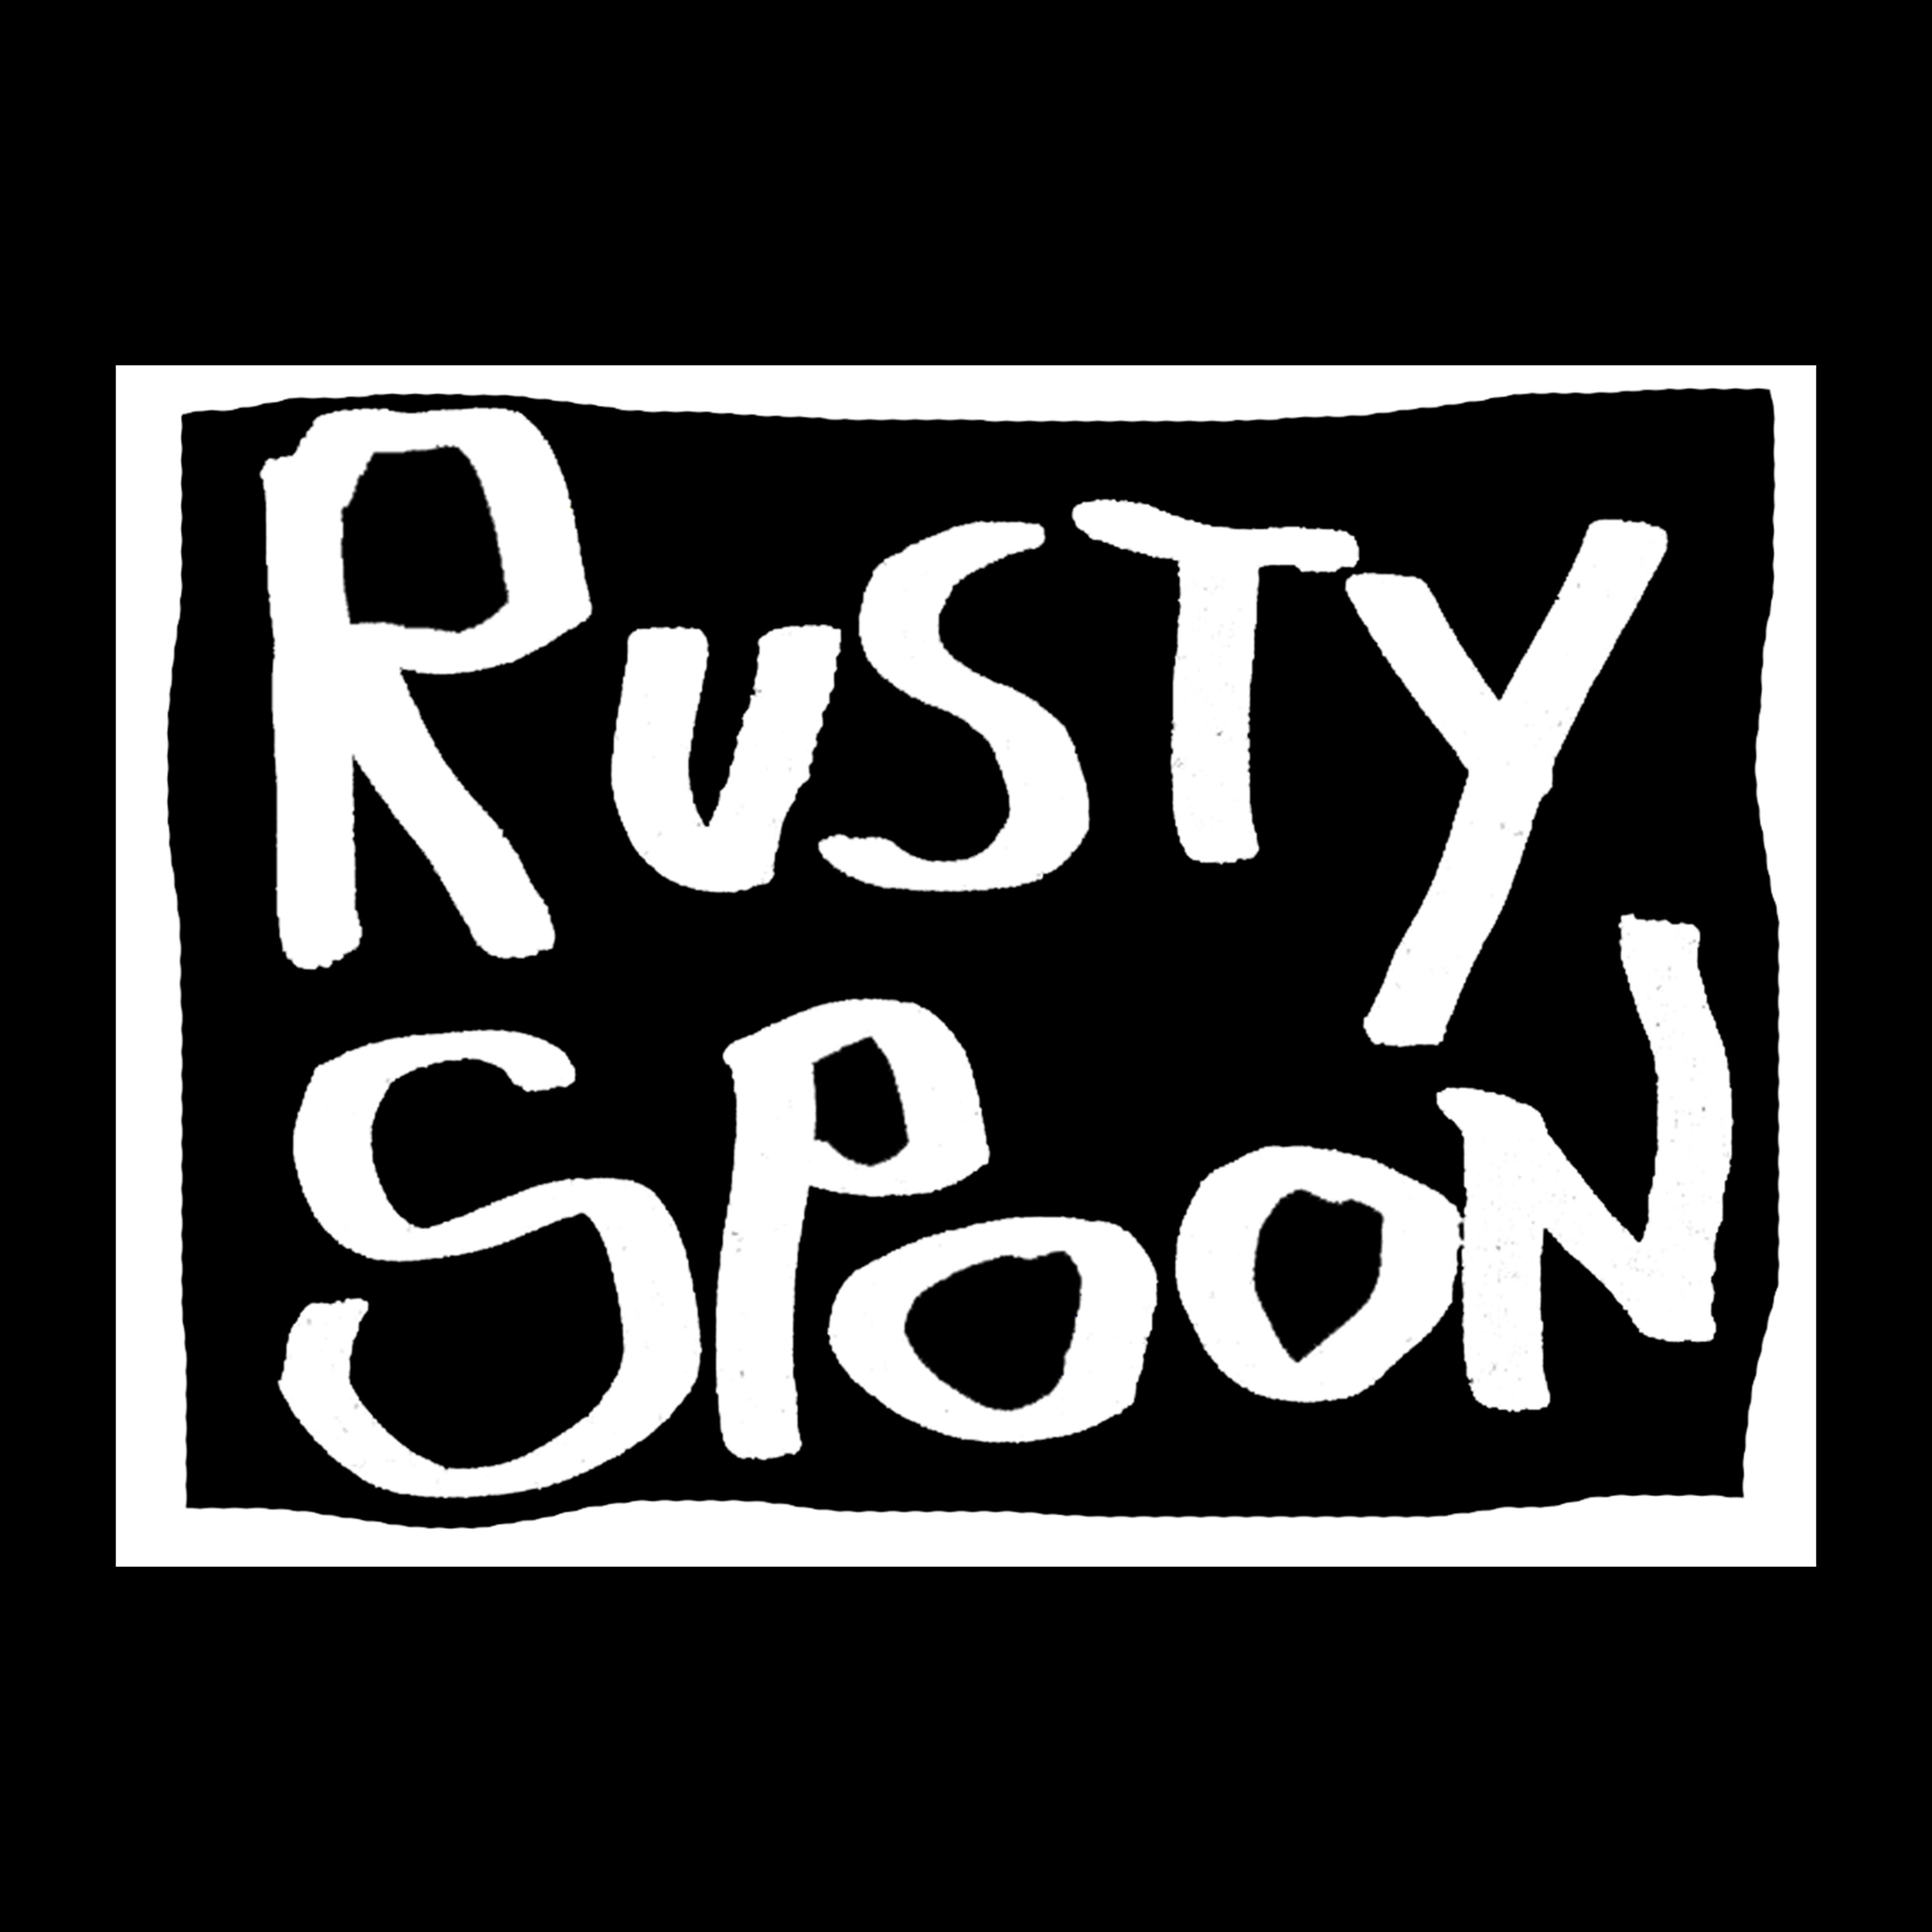 Rusty Spoon